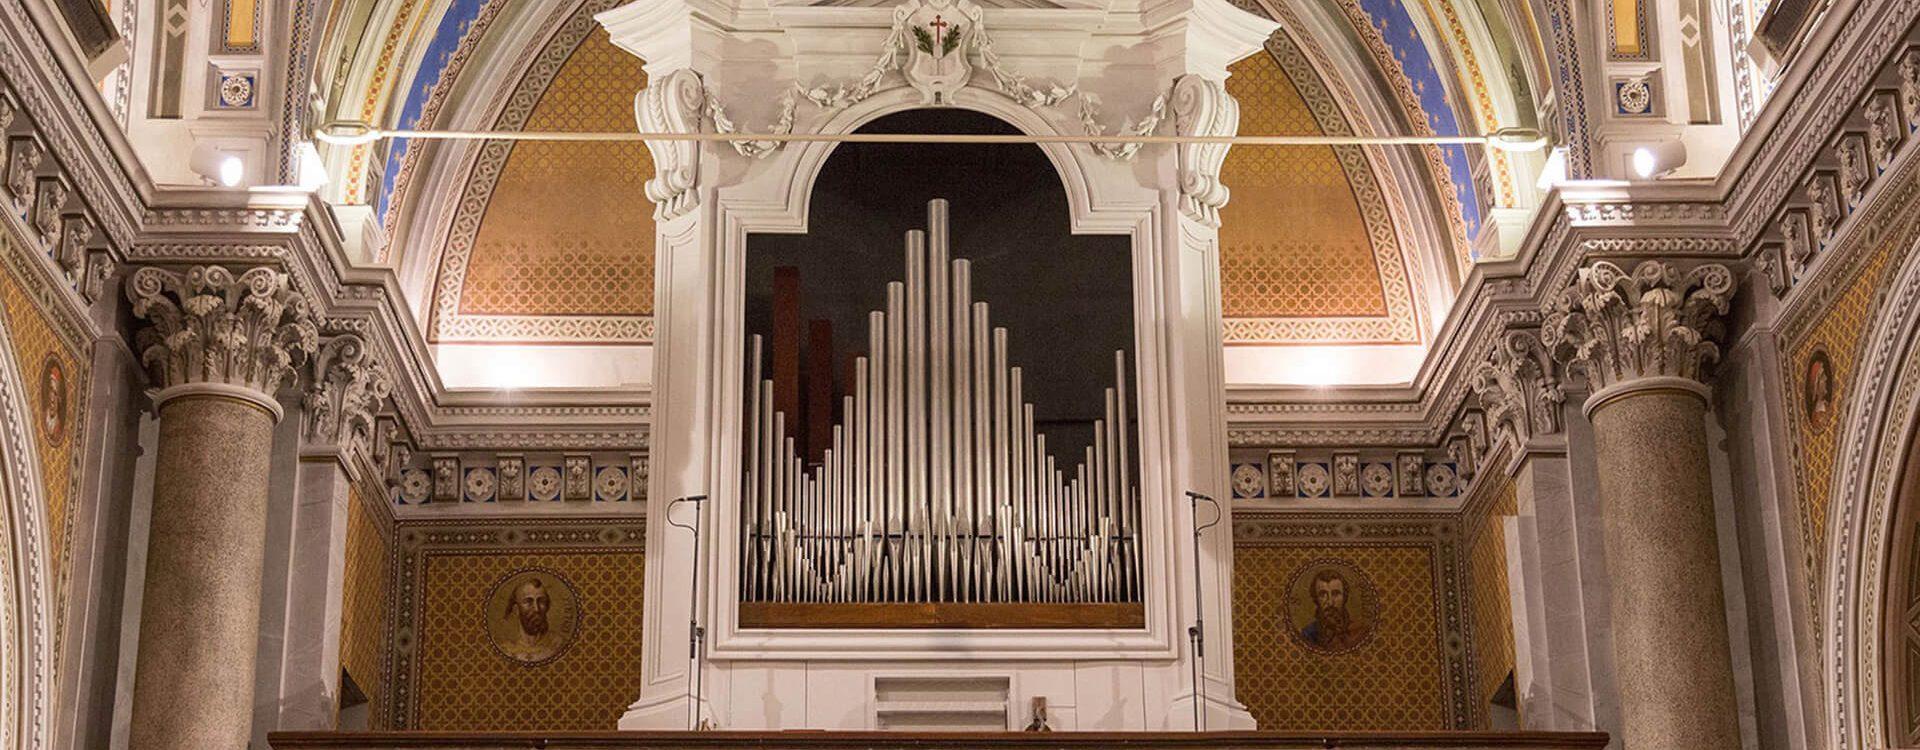 organo-chiesa